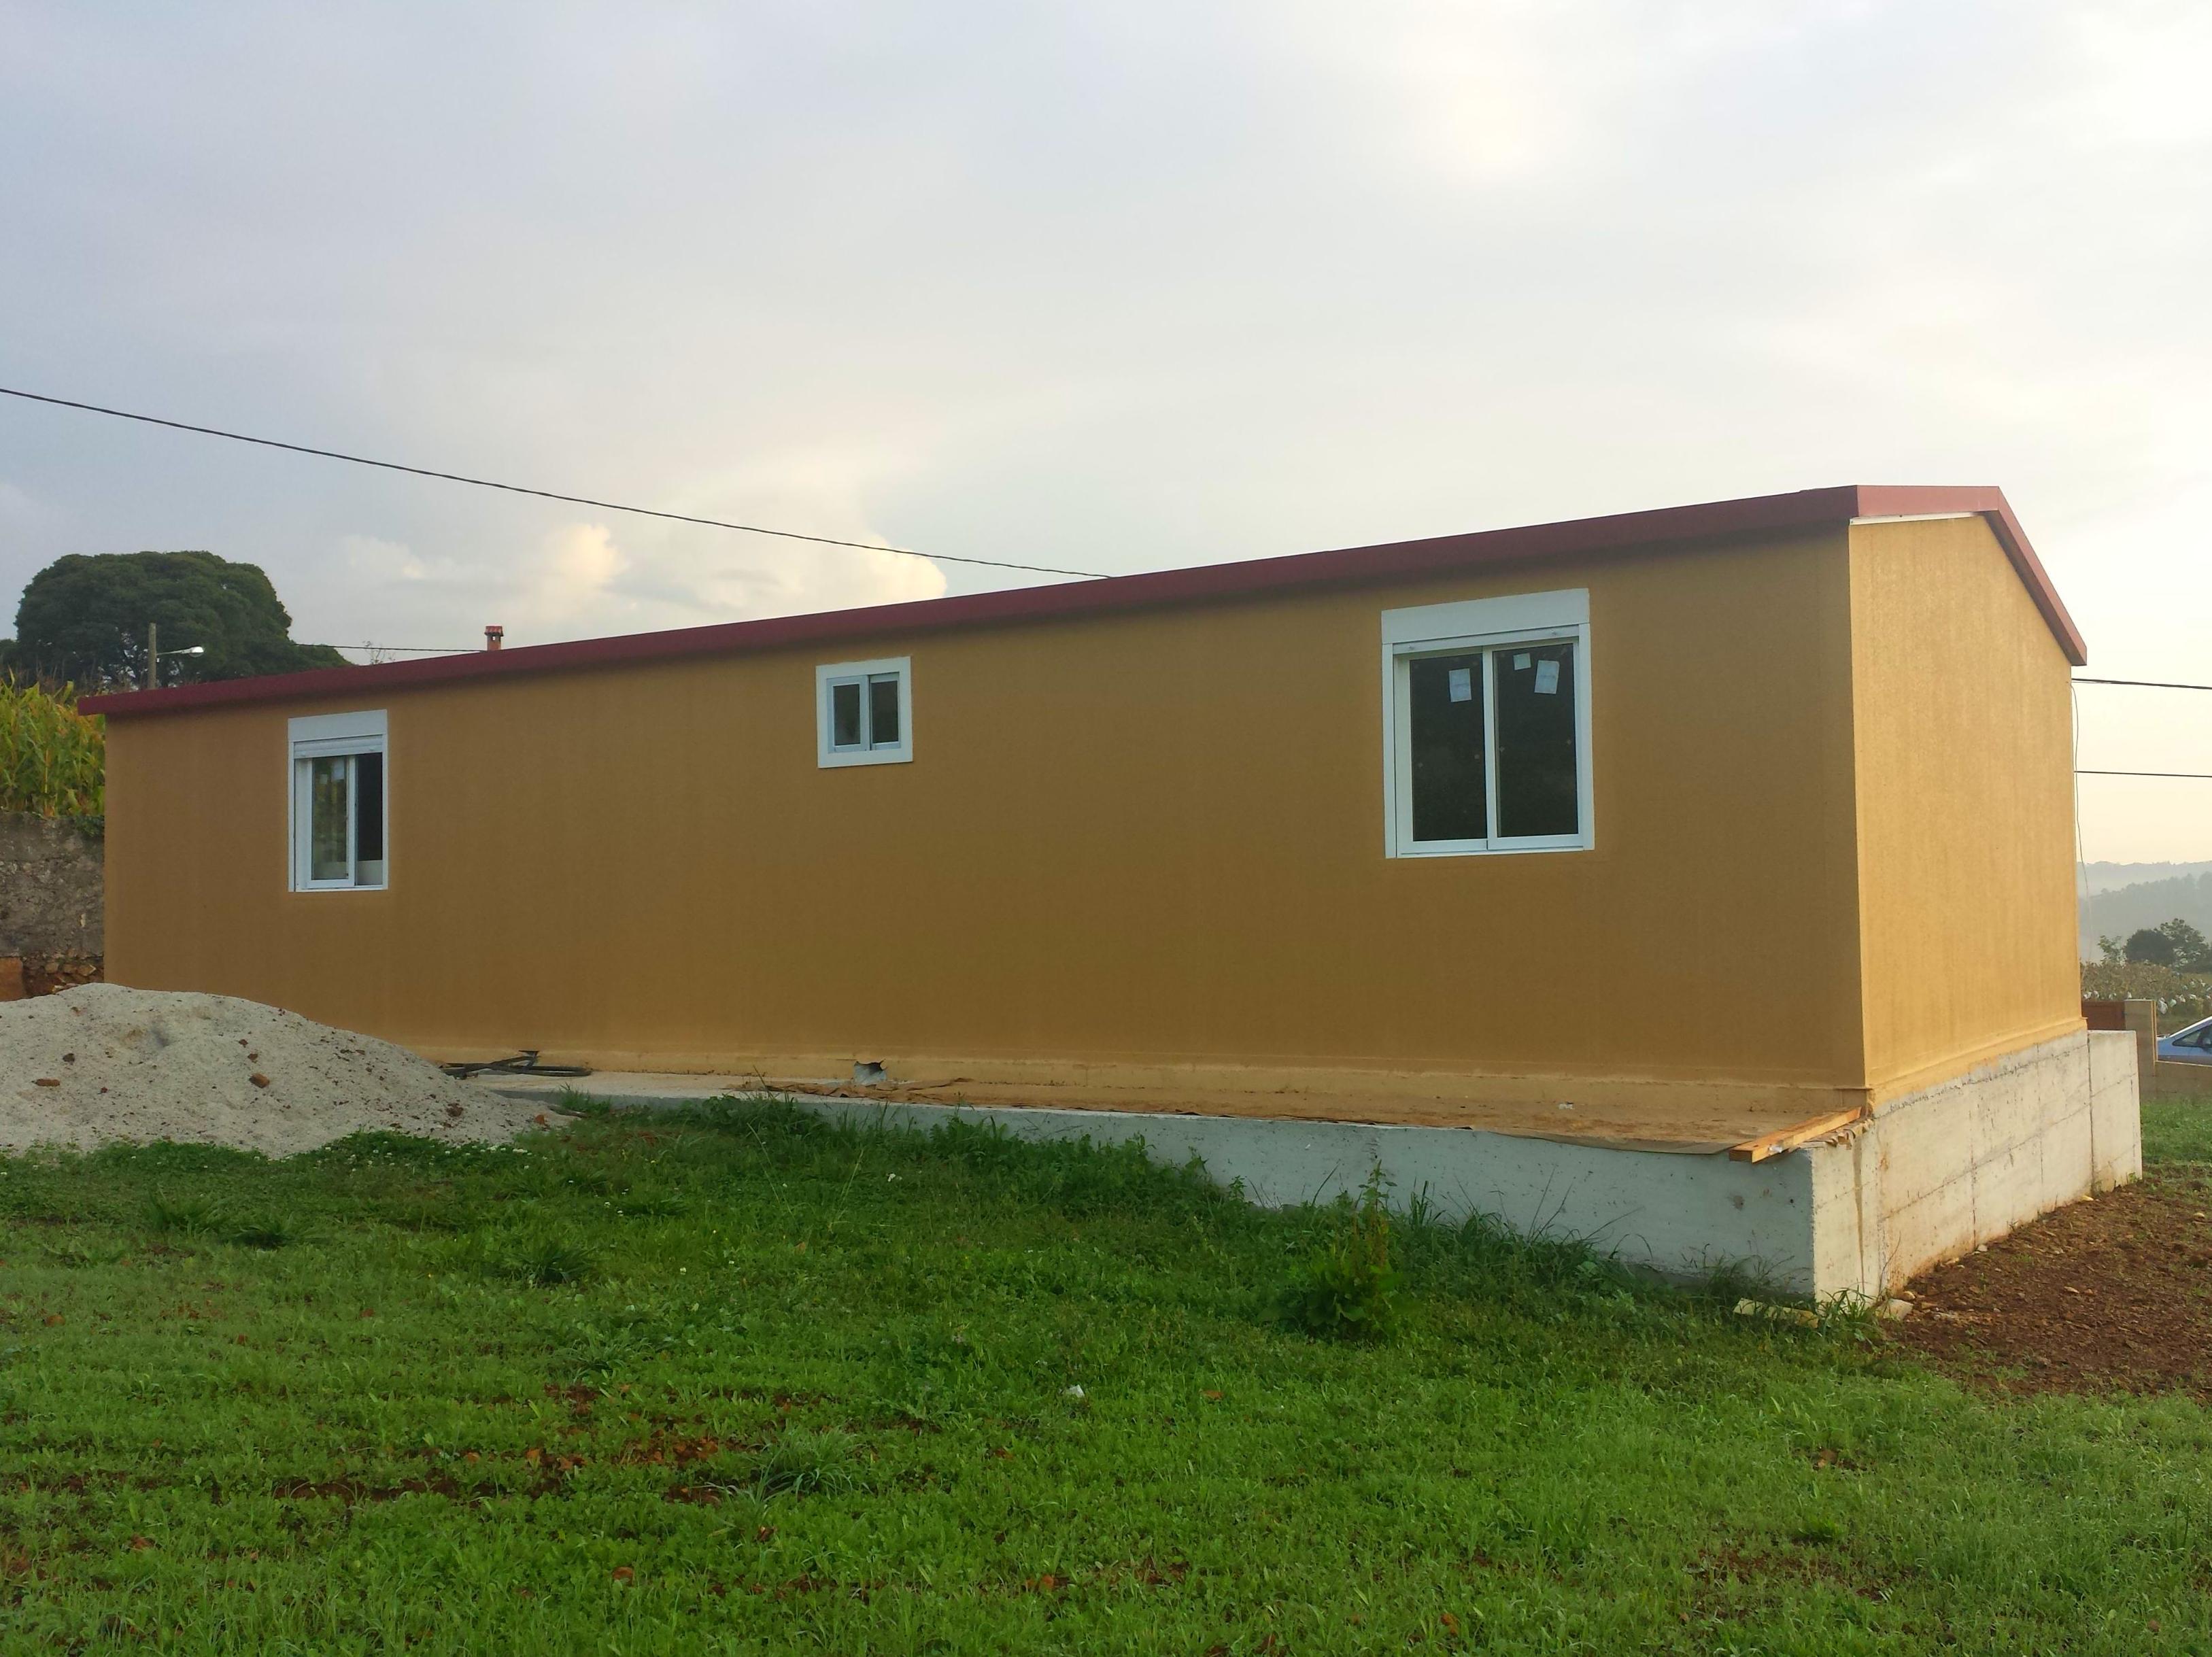 Foto 58 de Casas prefabricadas en  | Wigarma